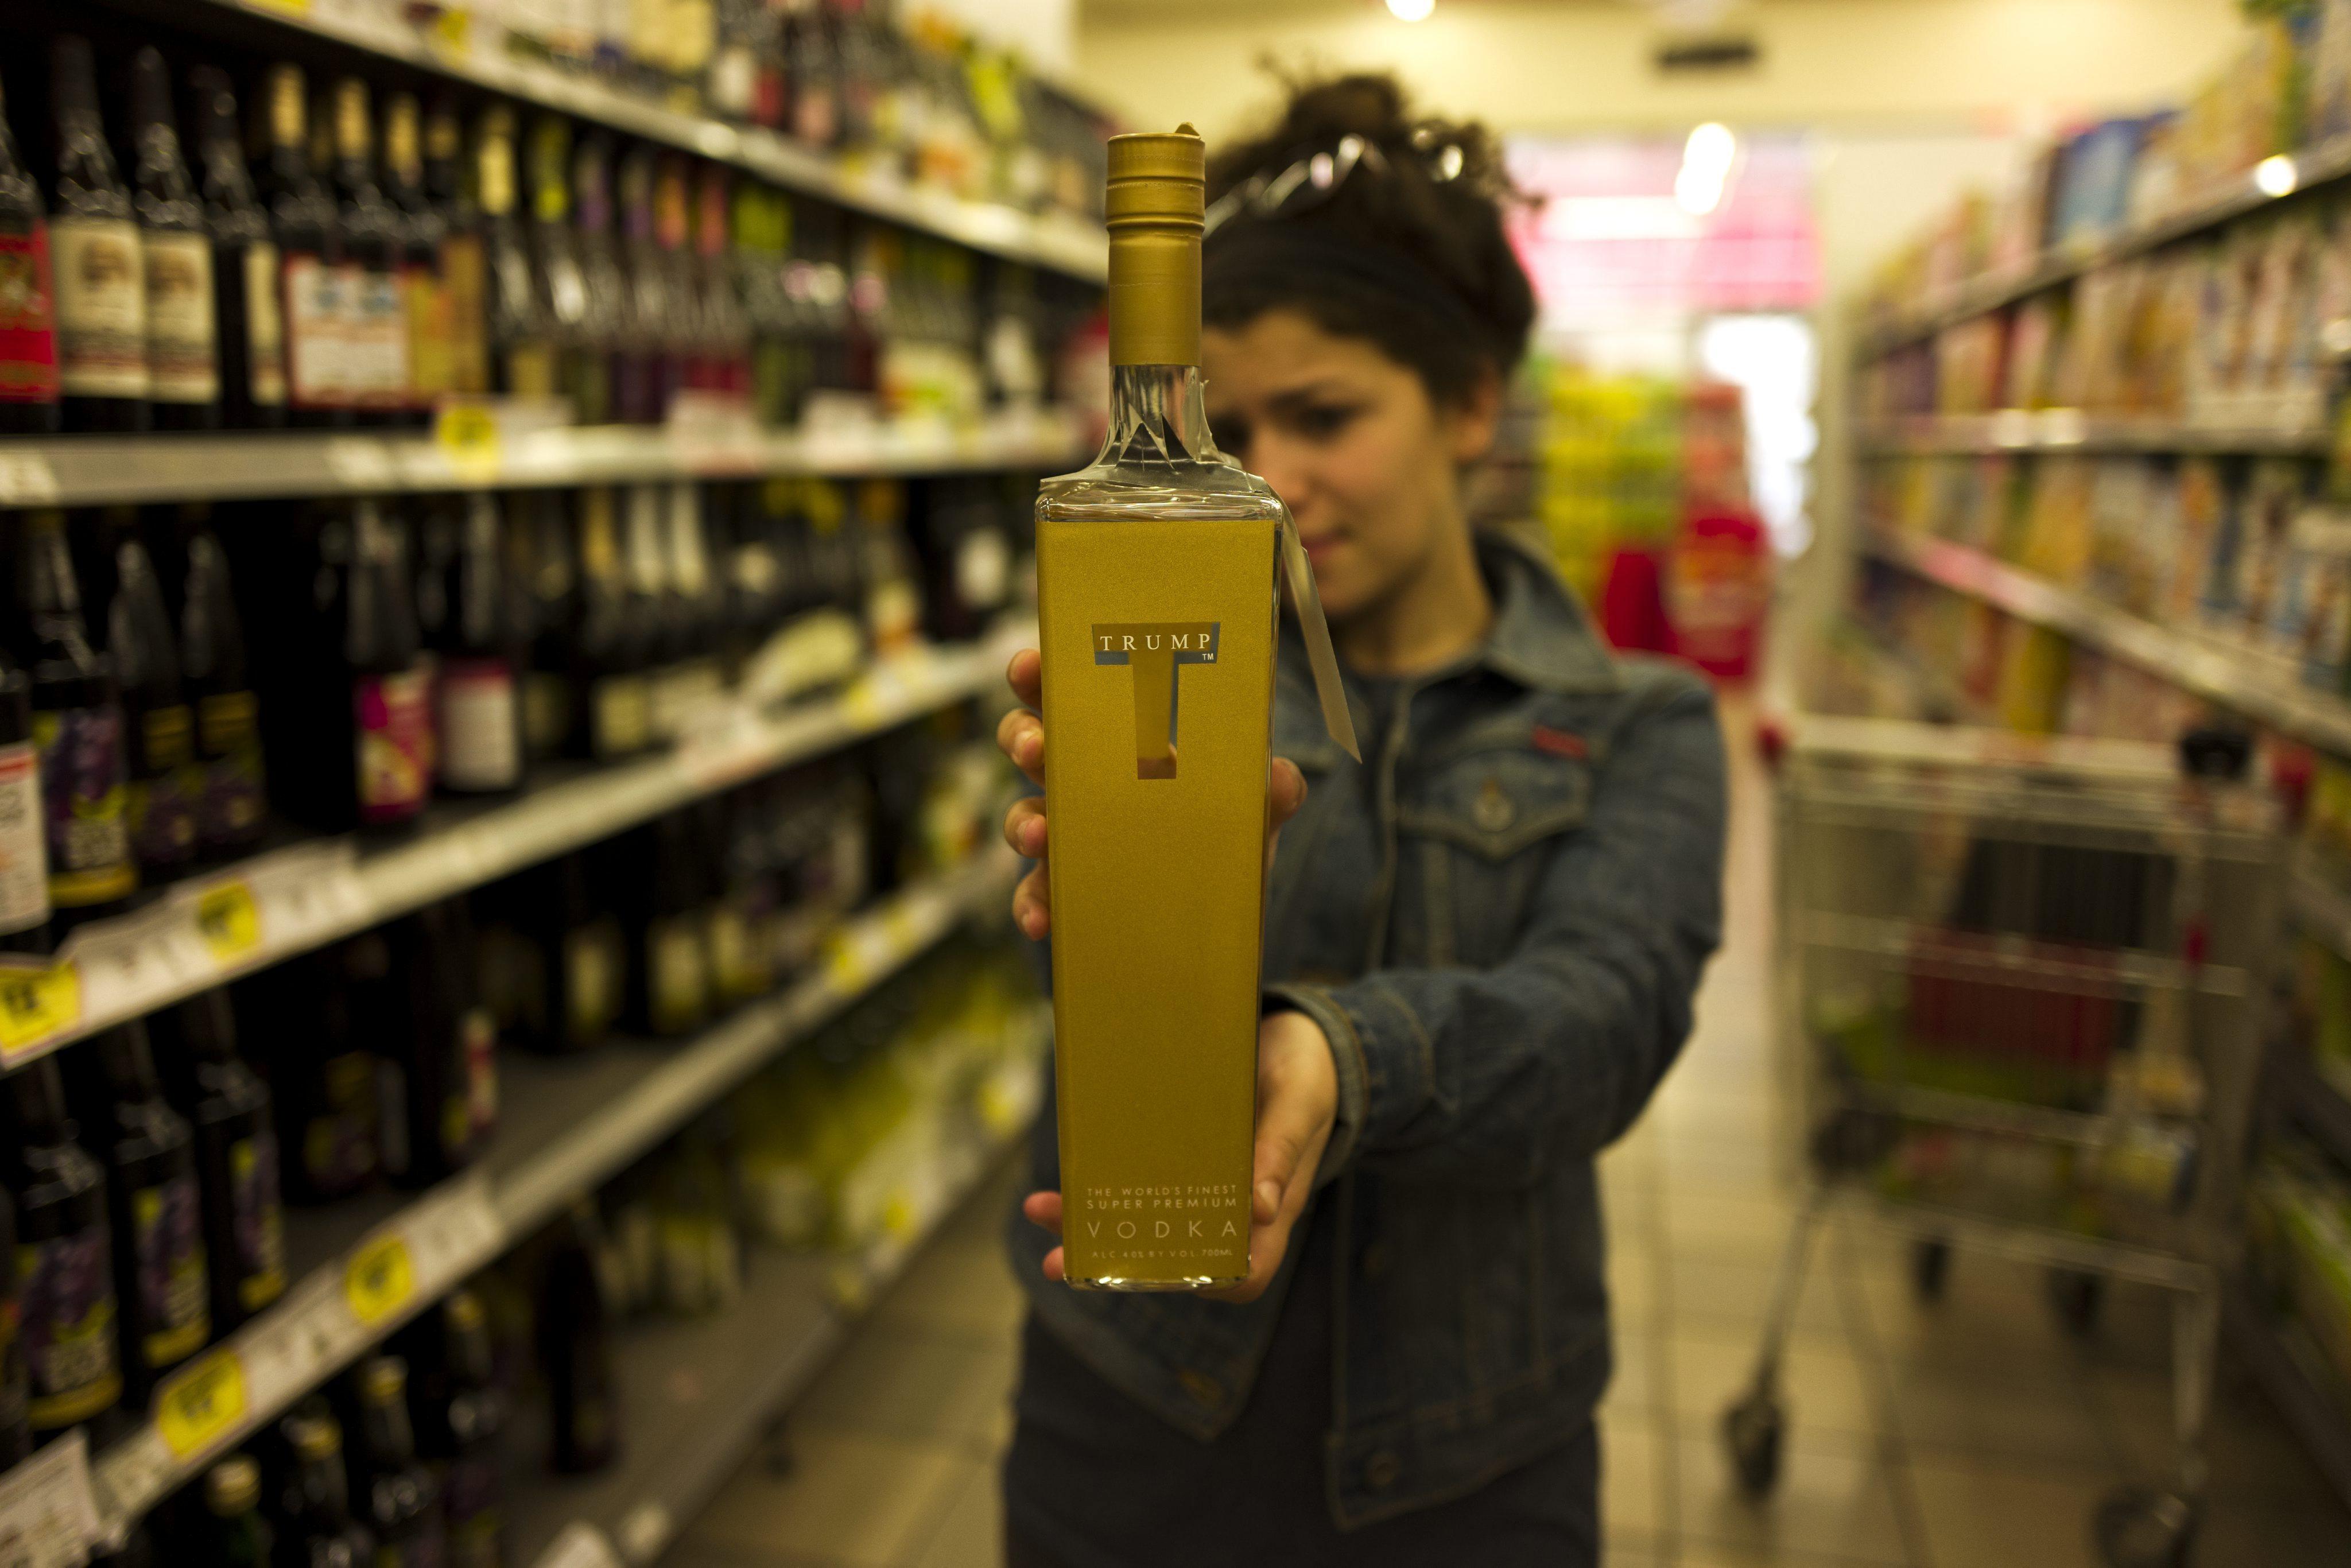 """JER01 JERUSALÉN (ISRAEL) 08/04/2016.- Una mujer muestra una botella de vodka de la marca Trump en un supermercado en Jerusalén (Israel) hoy, 8 de abril de 2016. Según medios israelíes, el vodka Trump, comercializado por las empresas de Donald Trump, aspirante republicano a la presidencia de Estados Unidos, ha sido publicitado como """"el mejor vodka del mundo"""" aunque tras 2013 algunas botellas no fueron consideradas aptas según los rituales Kosher. EFE/Jim Hollander"""